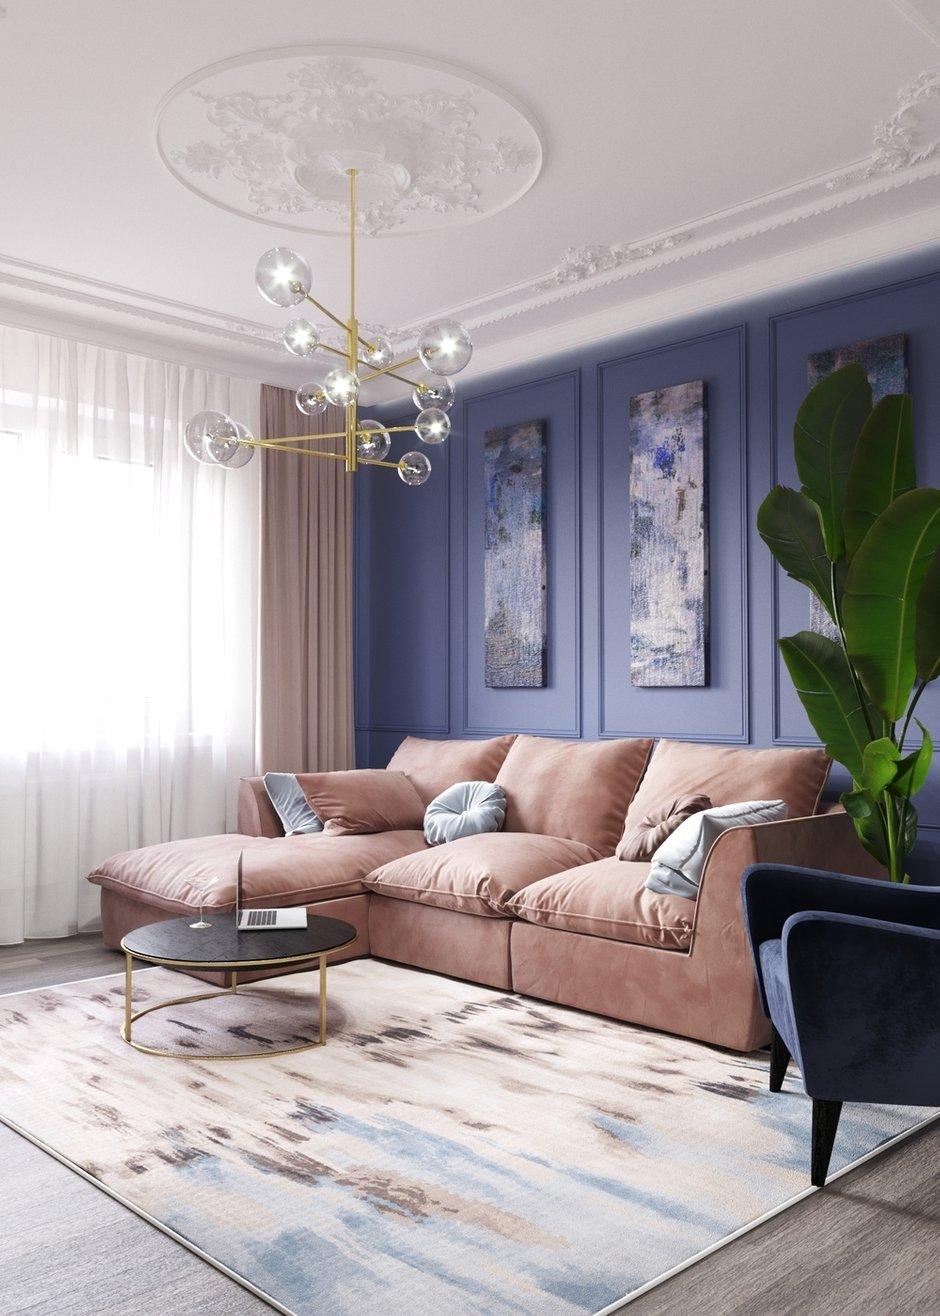 Фотография: Гостиная в стиле Современный, Кухня и столовая, Классический, Квартира, Планировки, Декор, Проект недели, Синий, Серый, Розовый, Голубой, 2 комнаты, 40-60 метров – фото на INMYROOM